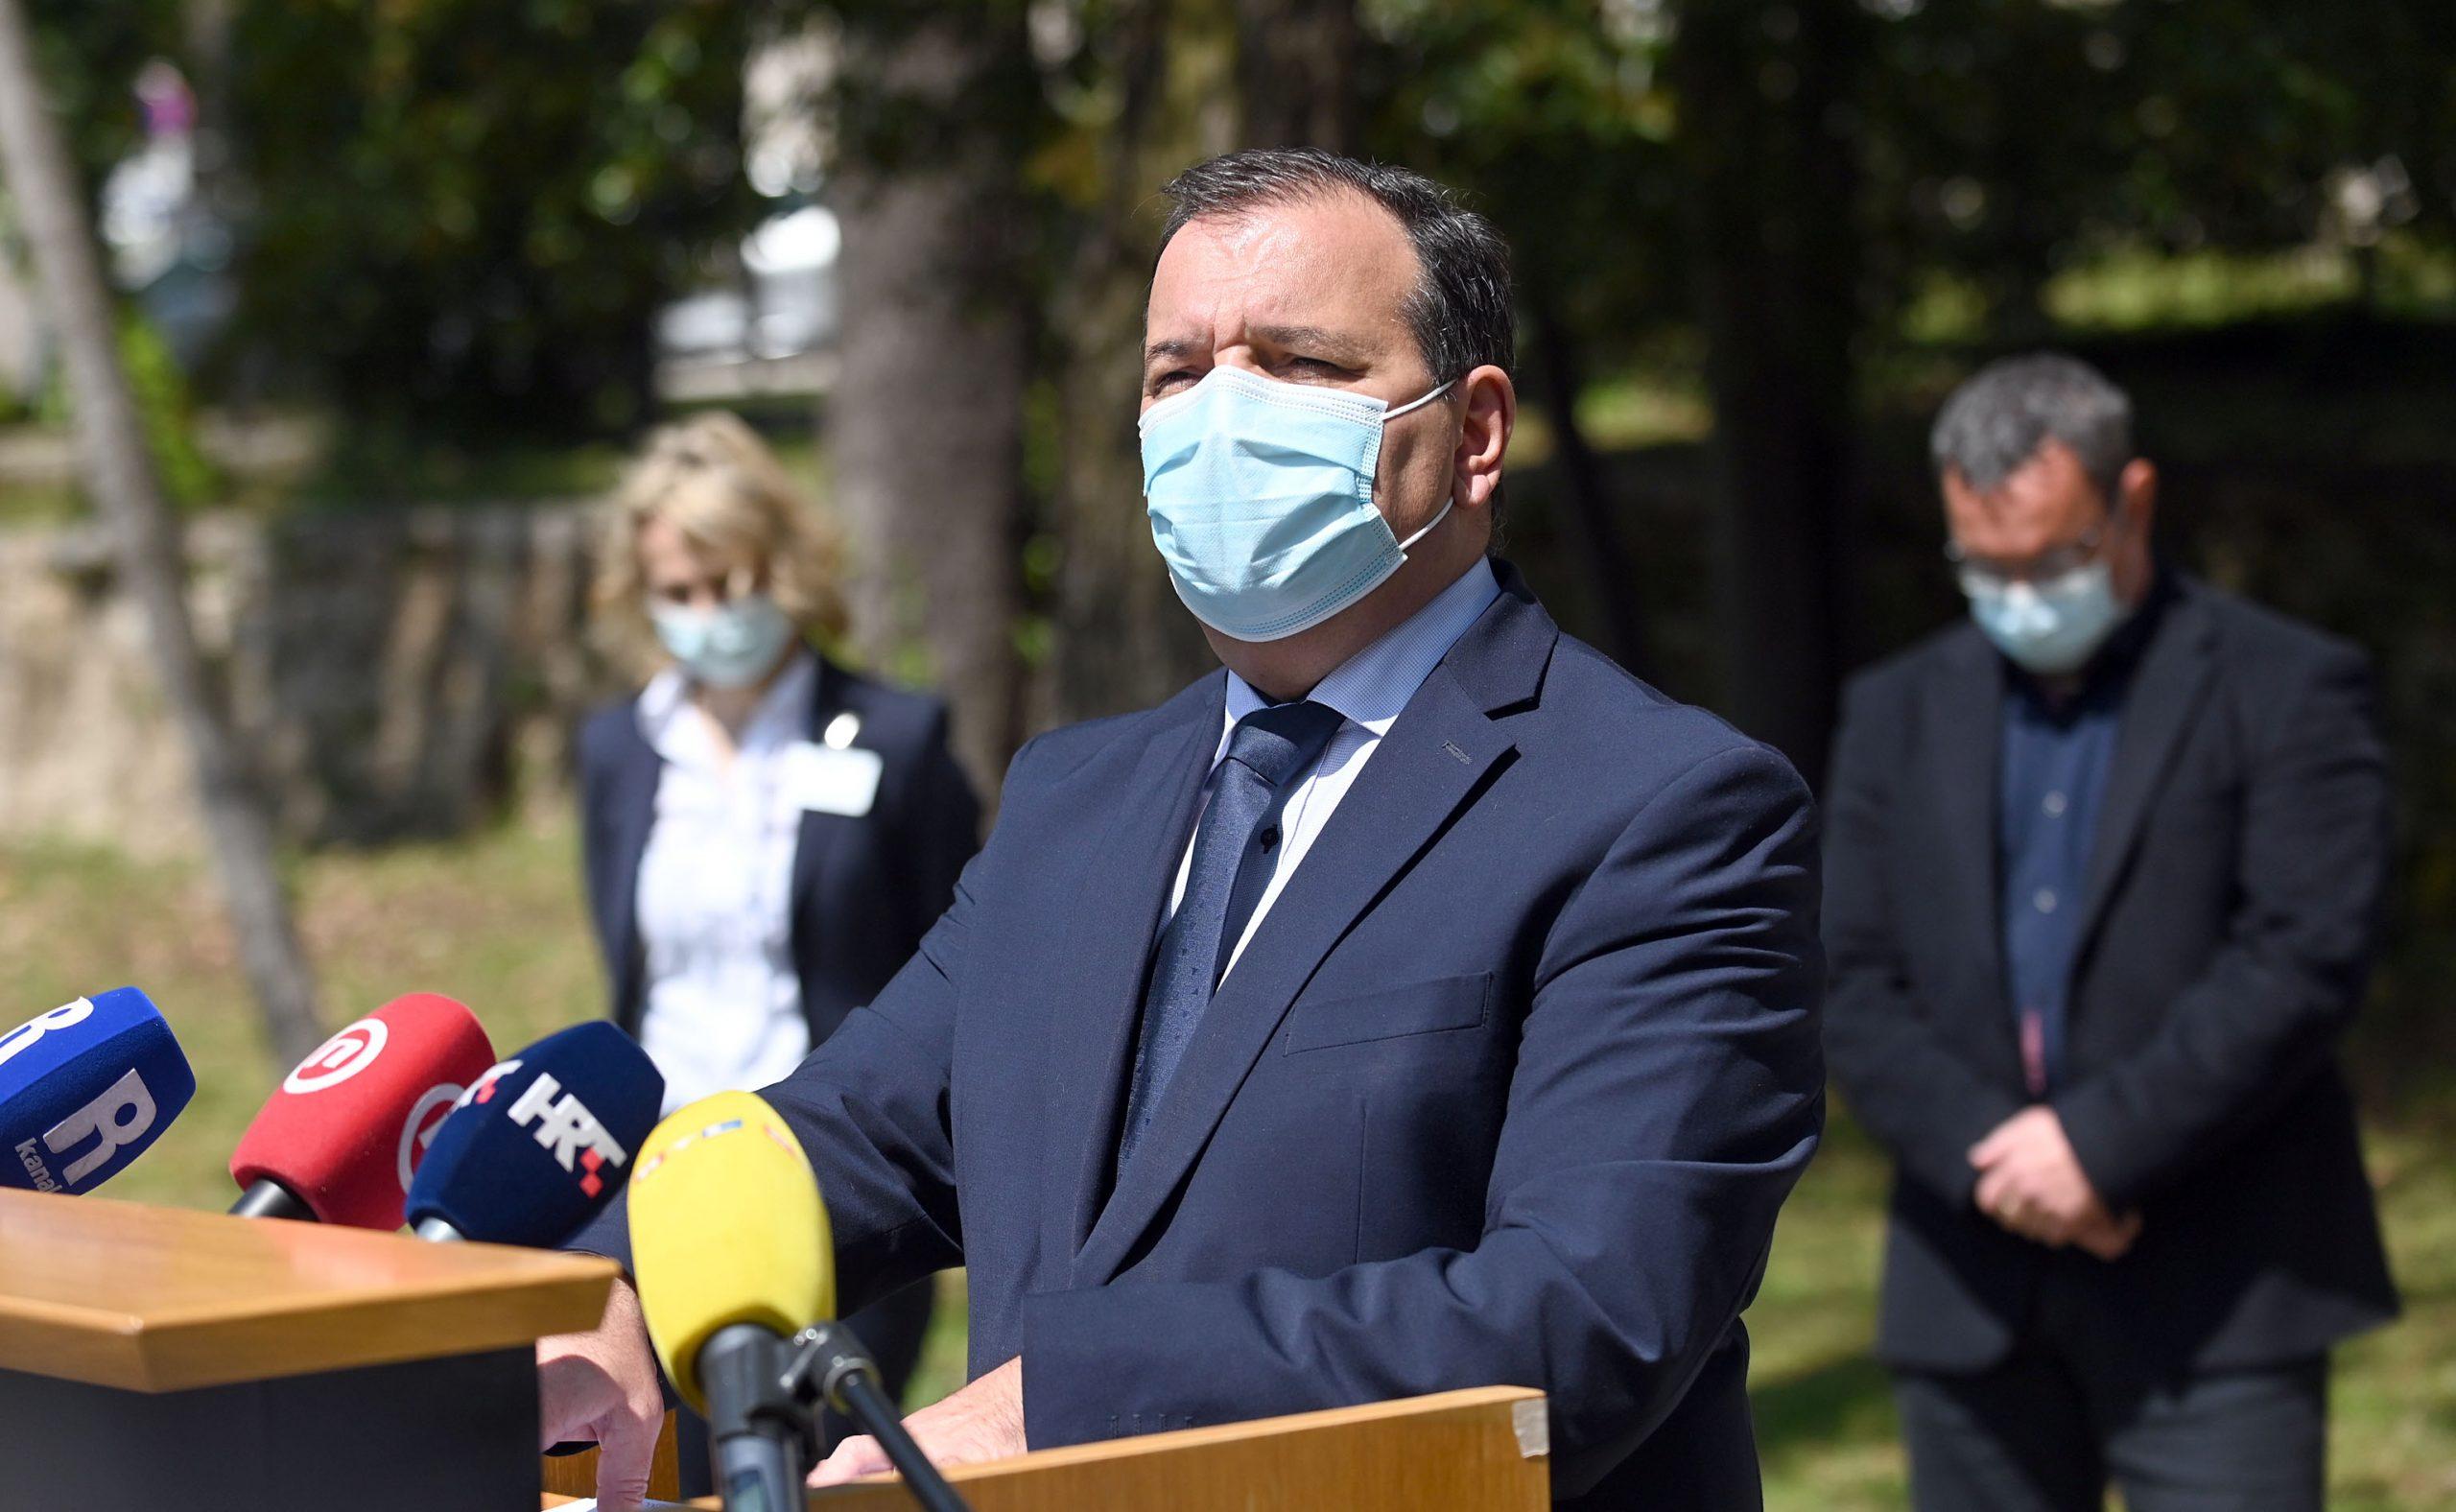 Vili Beroš / Foto: V. KARUZA